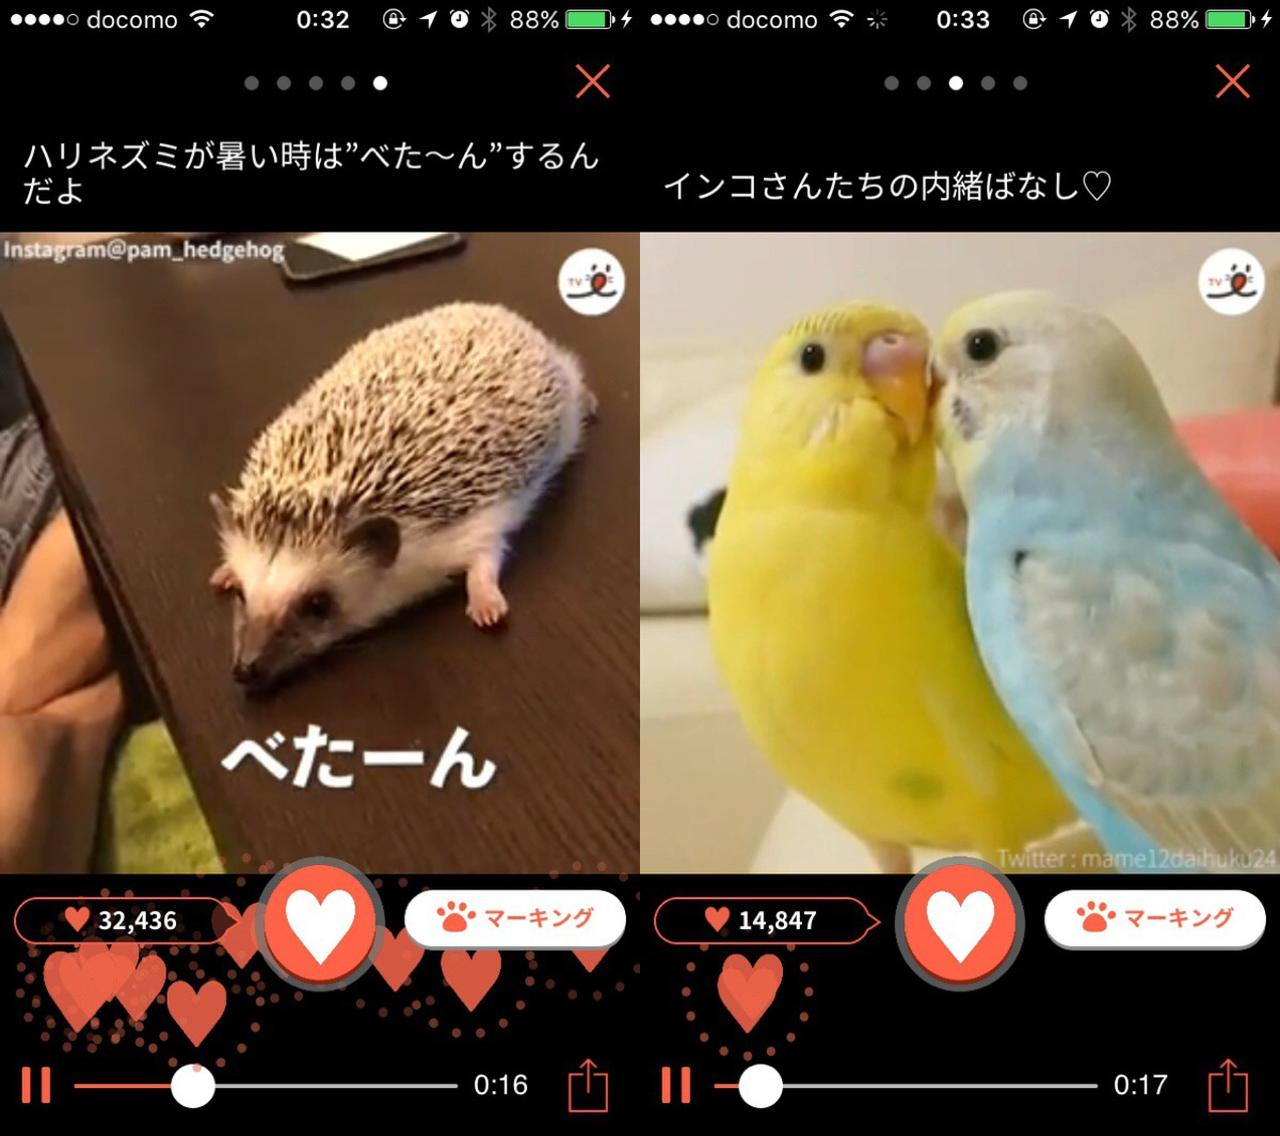 画像2: ハリネズミやインコ、シマリスなどの動画もあります。